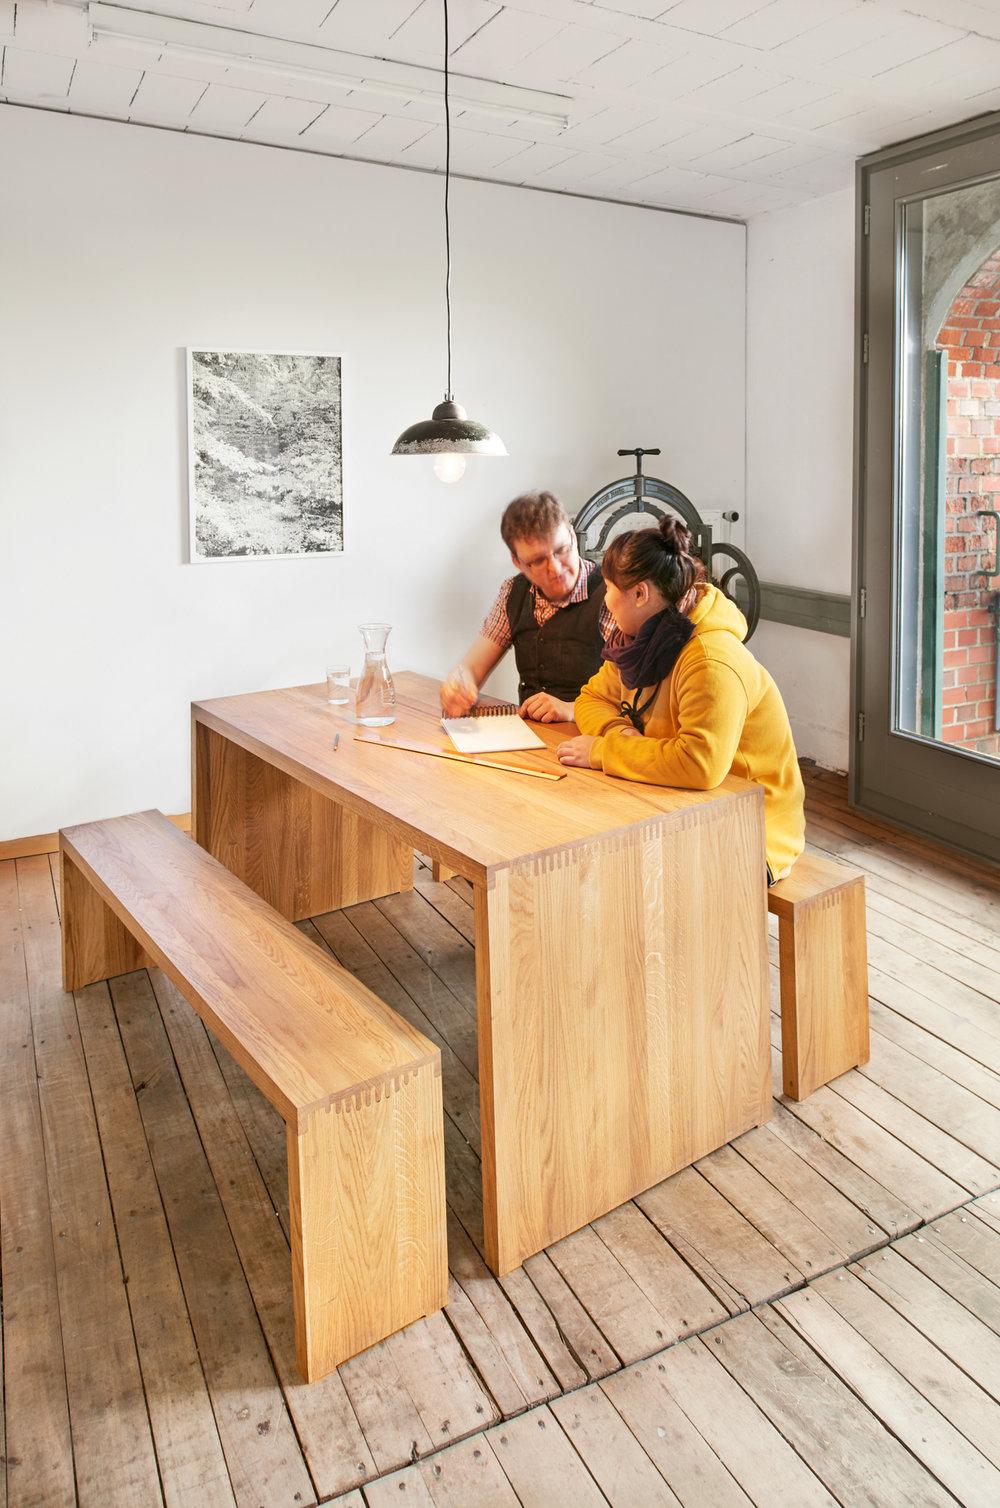 Produktabbildung: Tisch und Bankensemble »2 Grad« der Produktesigner Johanna Kreuter und Benedikt Jährling in der Hochschule für Künste Bremen, Bremen, 2016